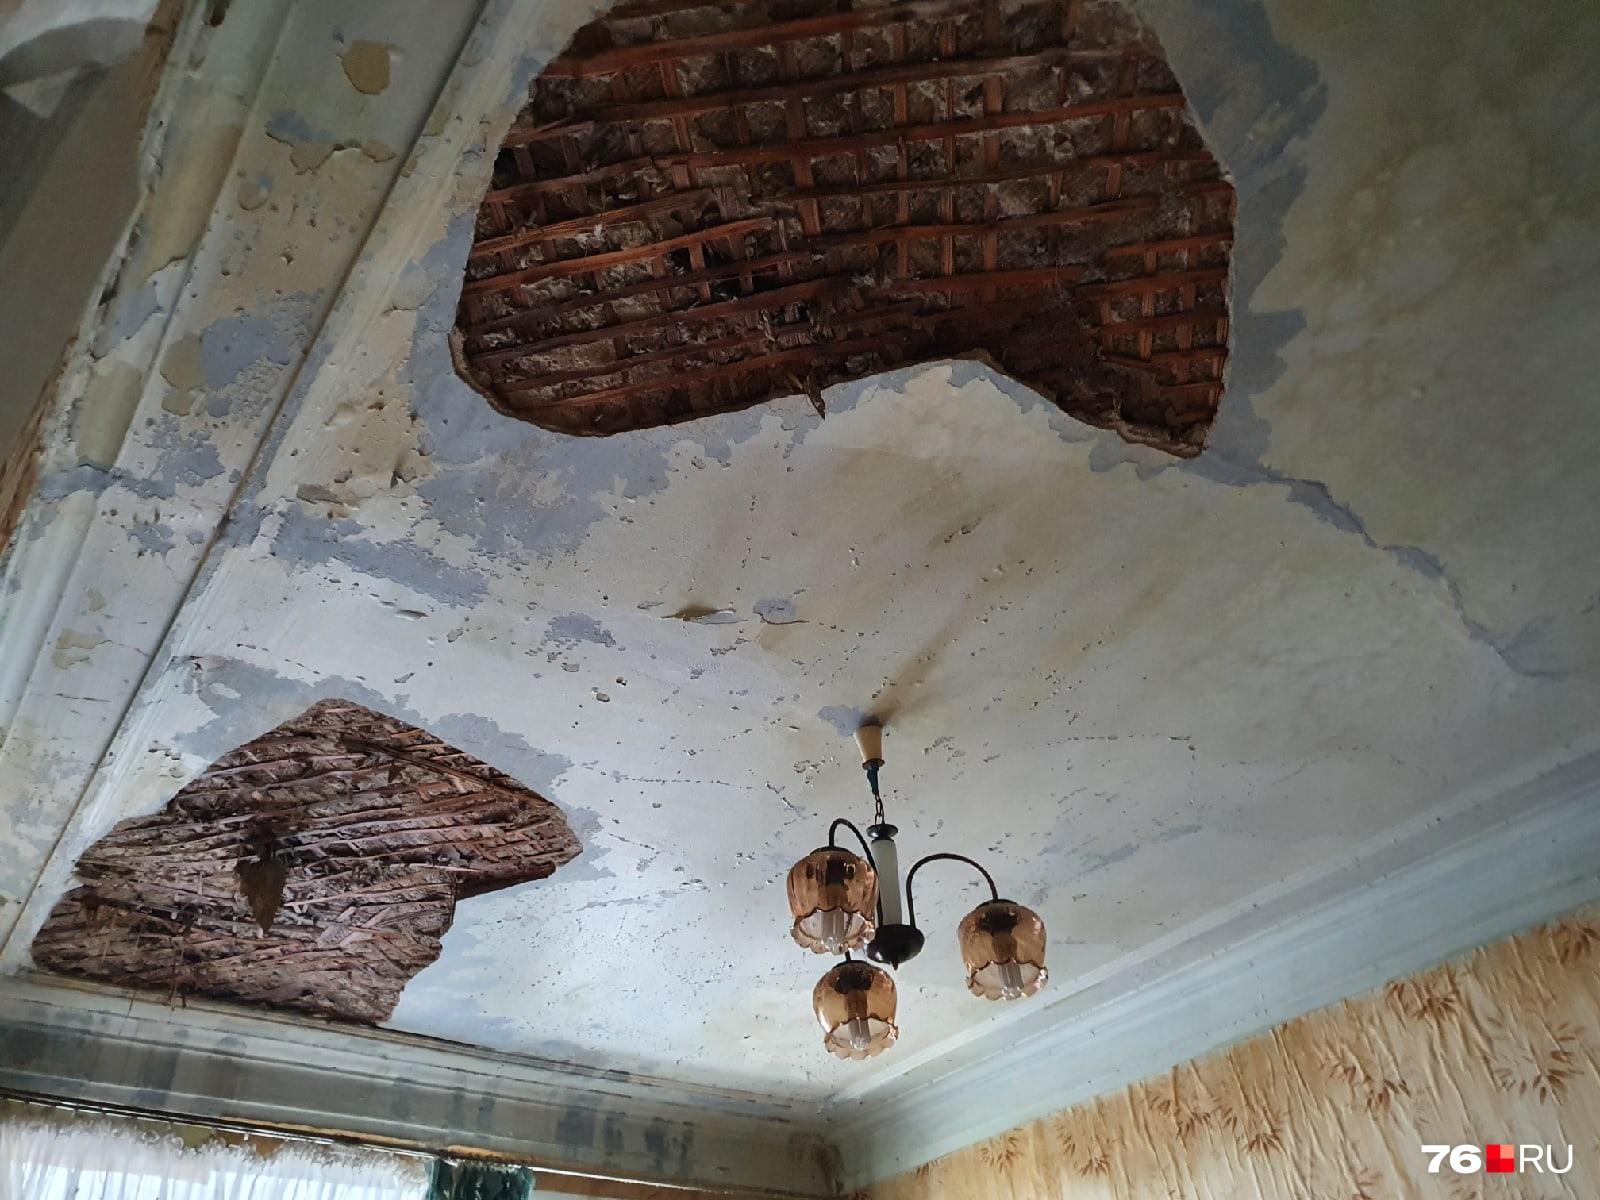 Из-за кипятка в квартире обрушился потолок